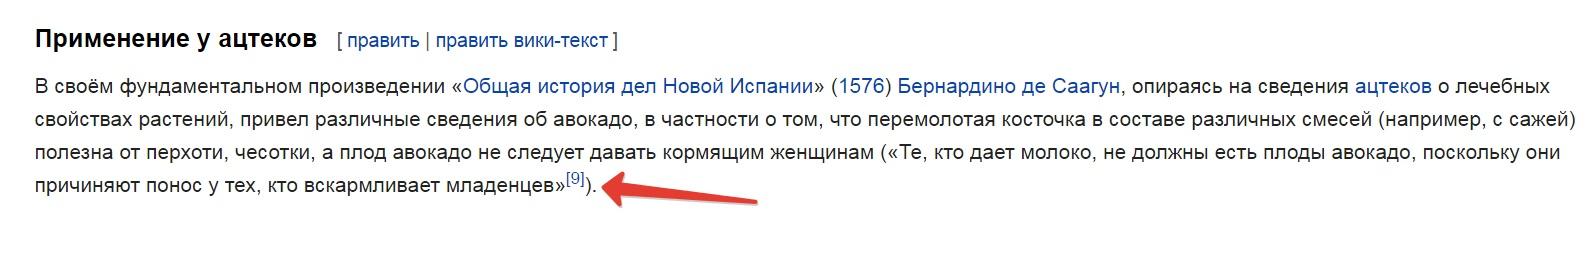 фото с выпиской о вреде авокадо из Википедии